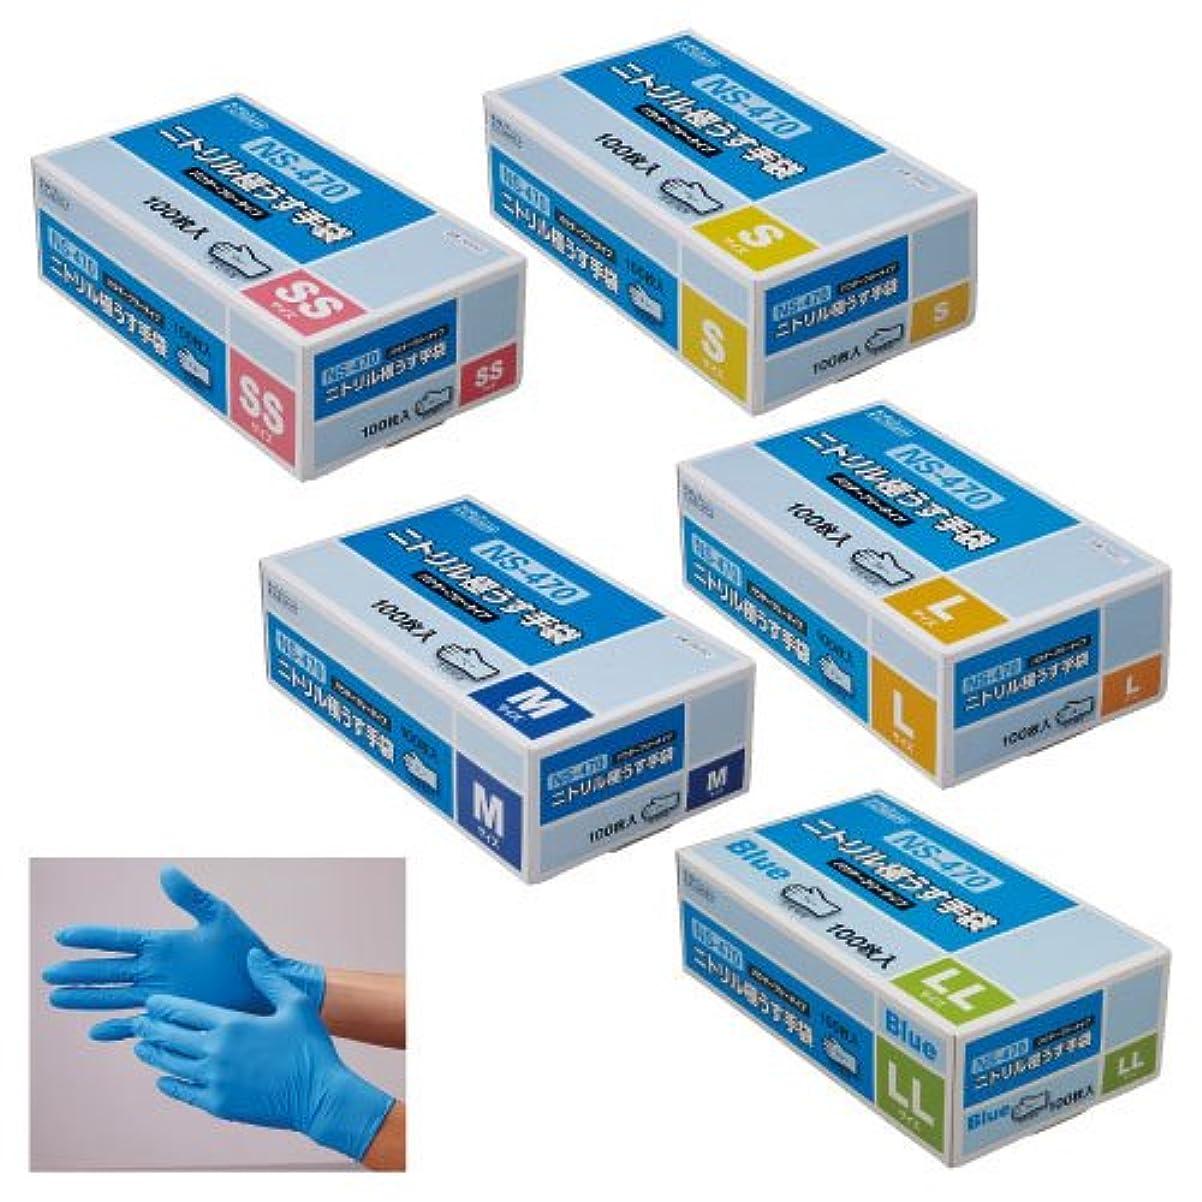 学習者たくさんのマイルストーンニトリル極うす手袋 NS-470 ??????????????NS470 06448(SS)????100????(24-2571-00)【20箱単位】